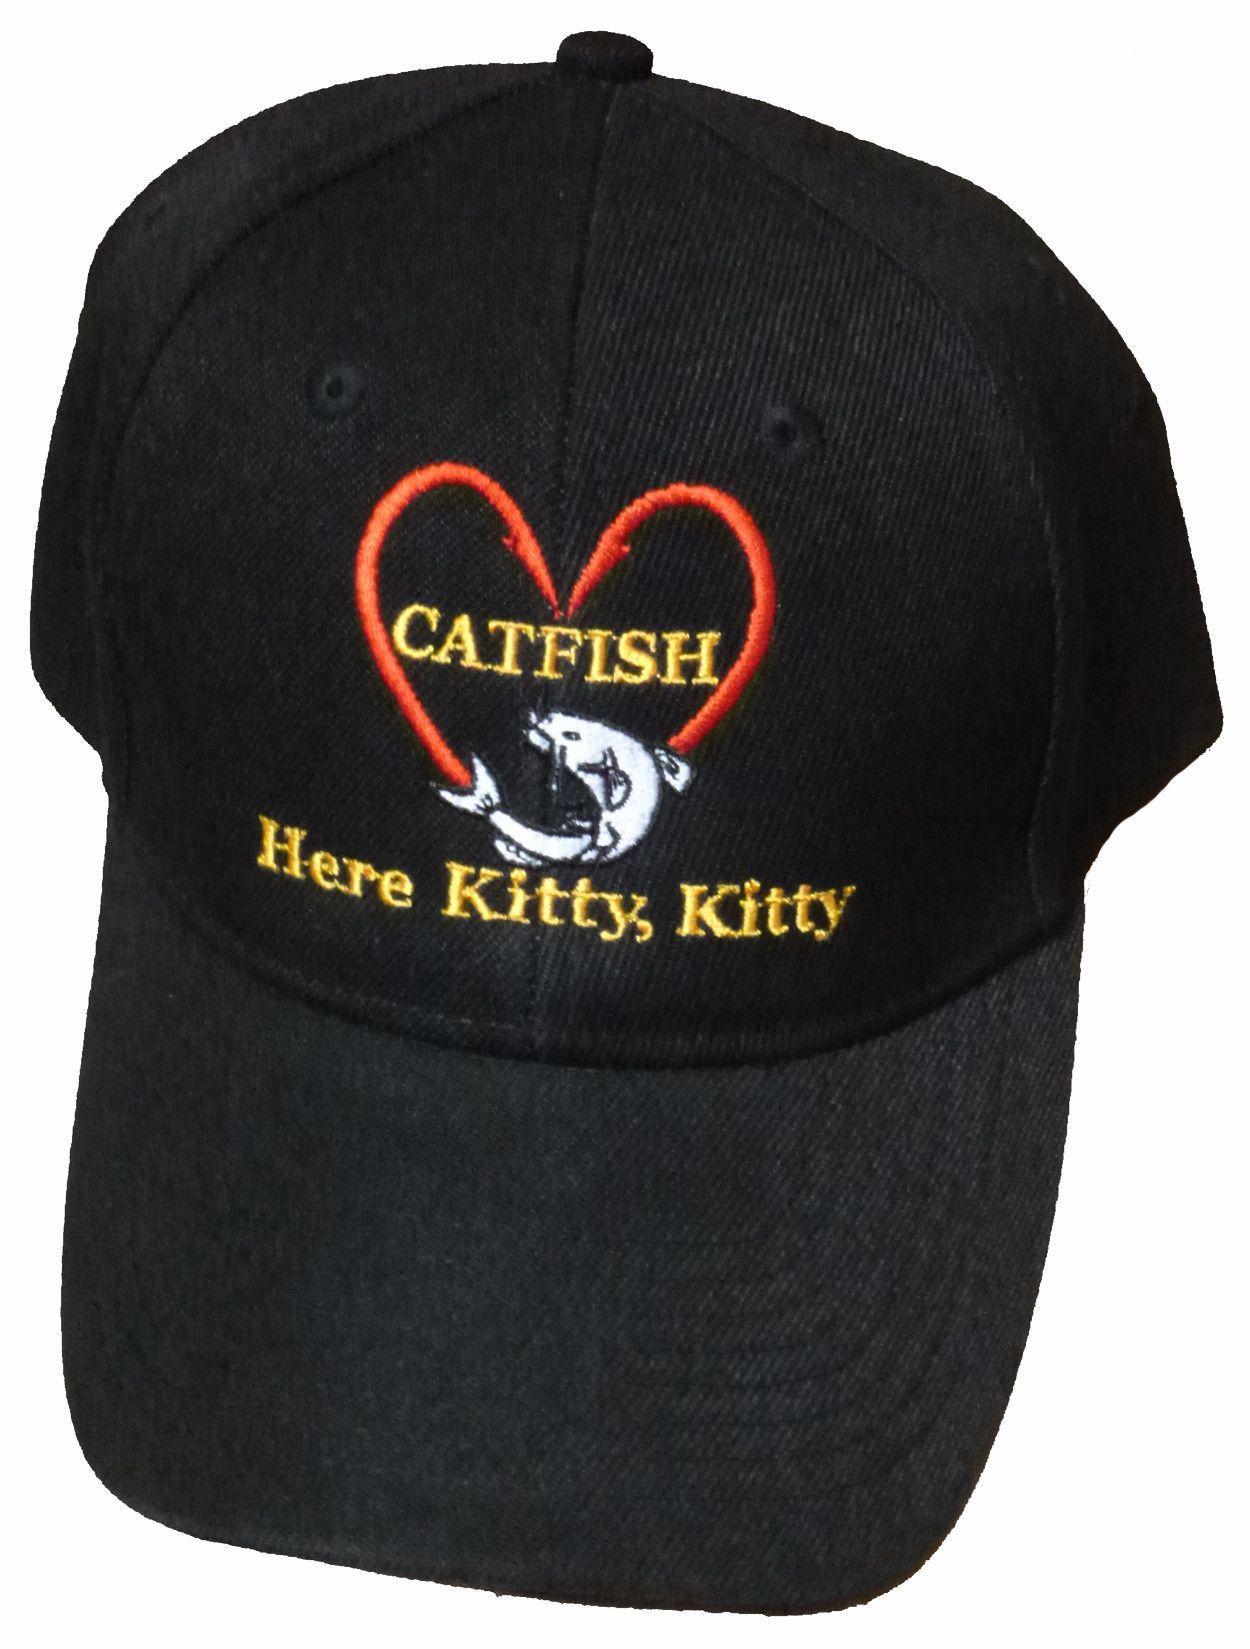 6d5e20ef86d Catfishing Baseball Cap I Love Catfish Here Kitty Kitty Black Hat Hooks in  Shape of Heart